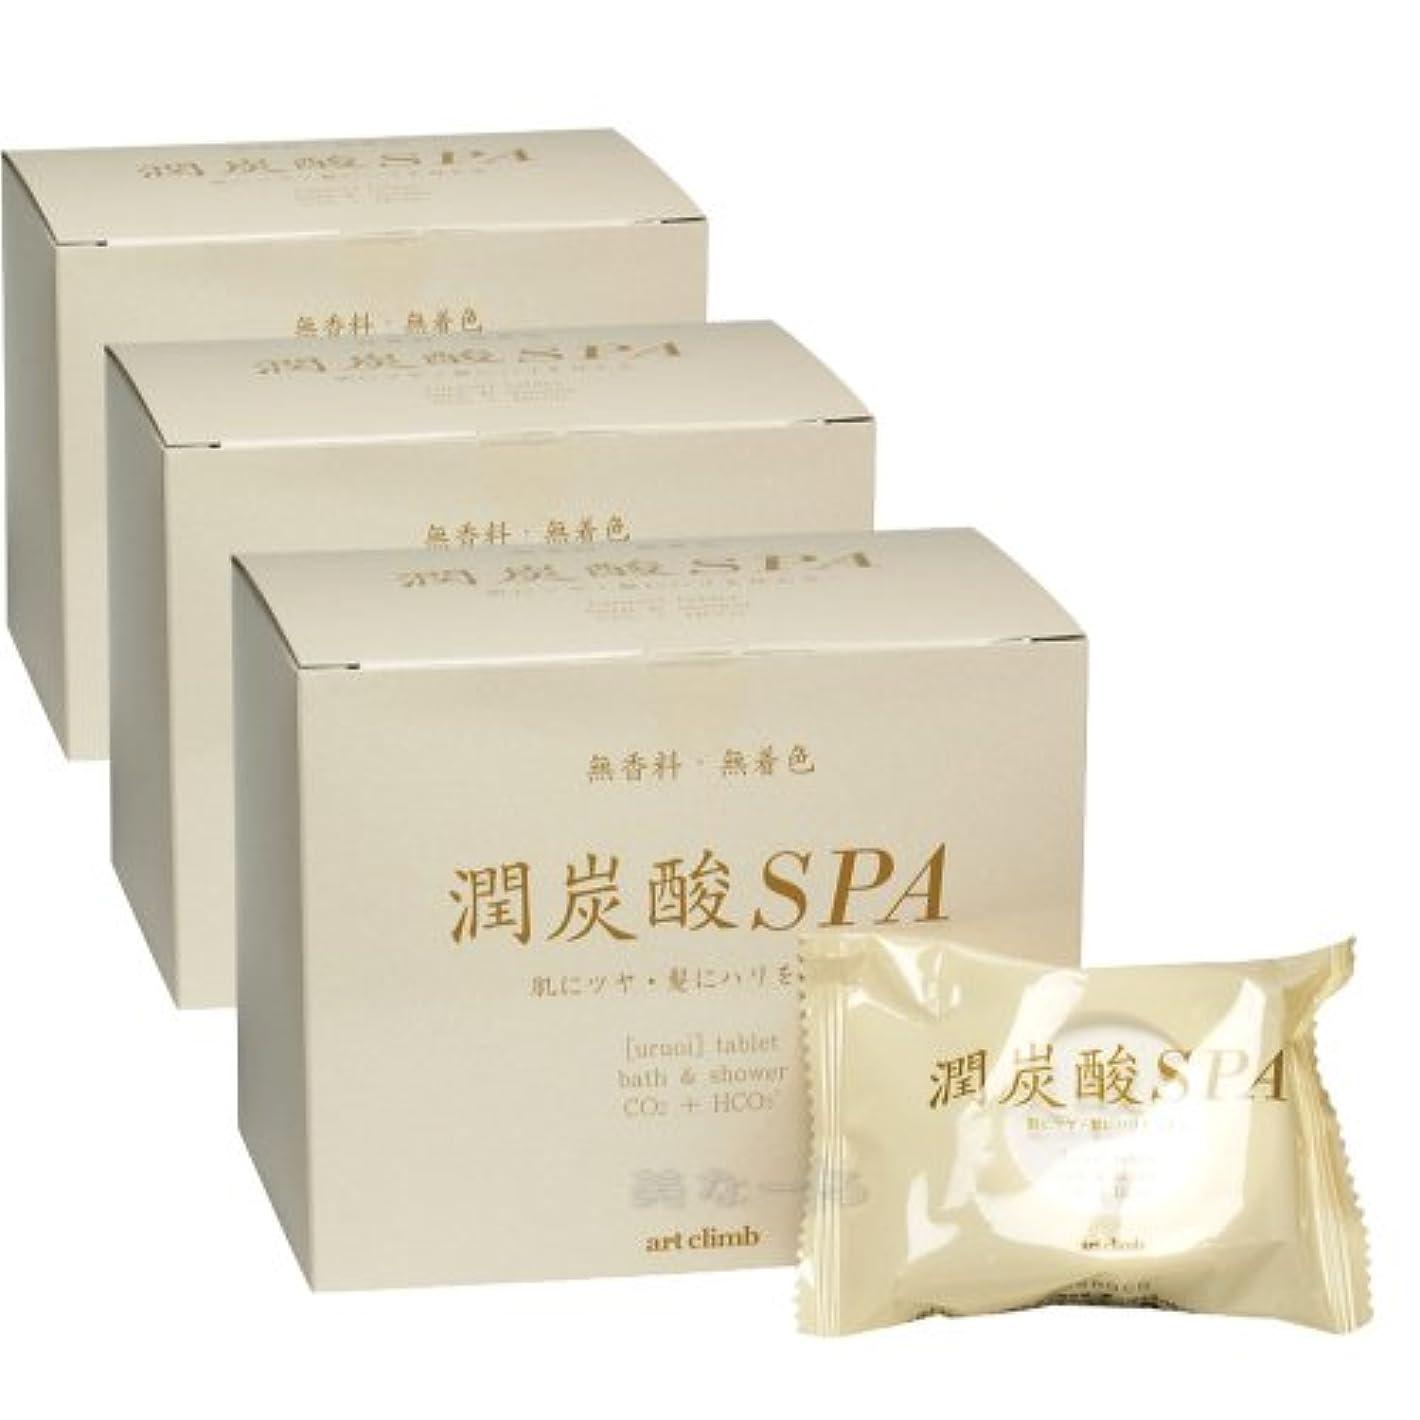 モスムスタチオ公演潤炭酸SPA(うるおい炭酸SPA) 60g×10錠入 3個セット